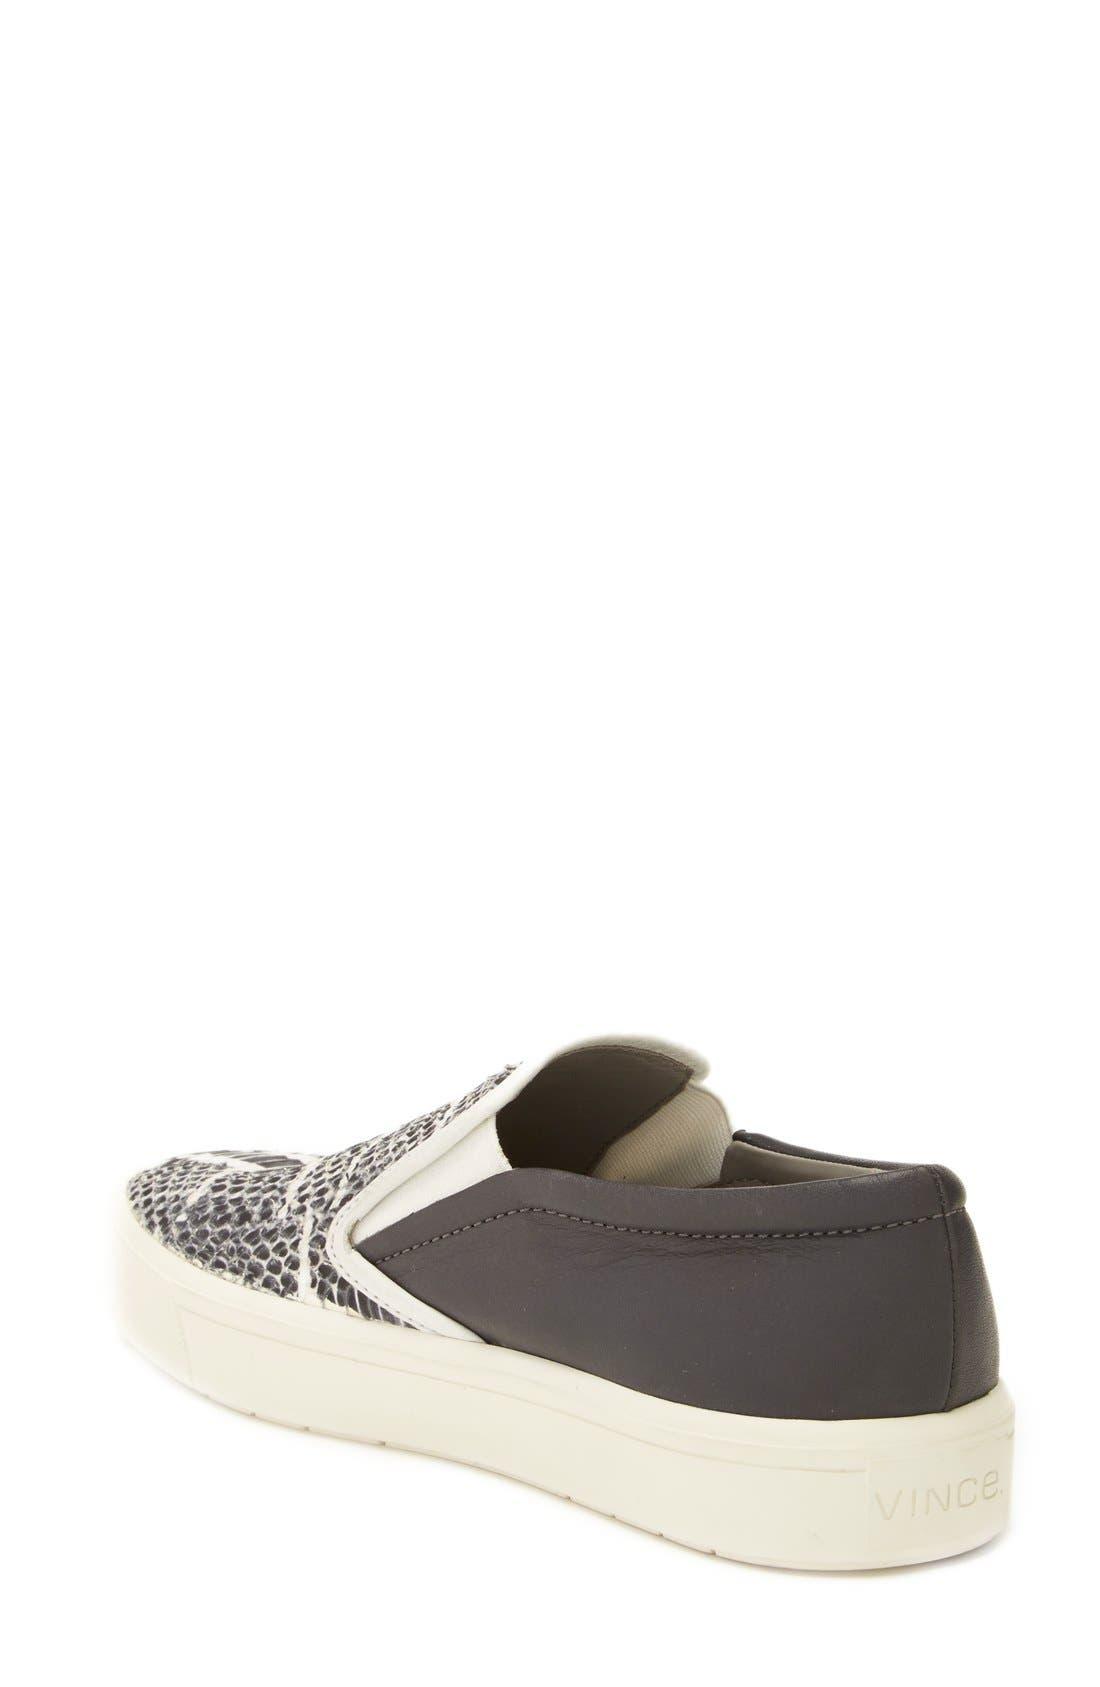 Alternate Image 2  - Vince 'Banler' Slip-On Sneaker (Women)